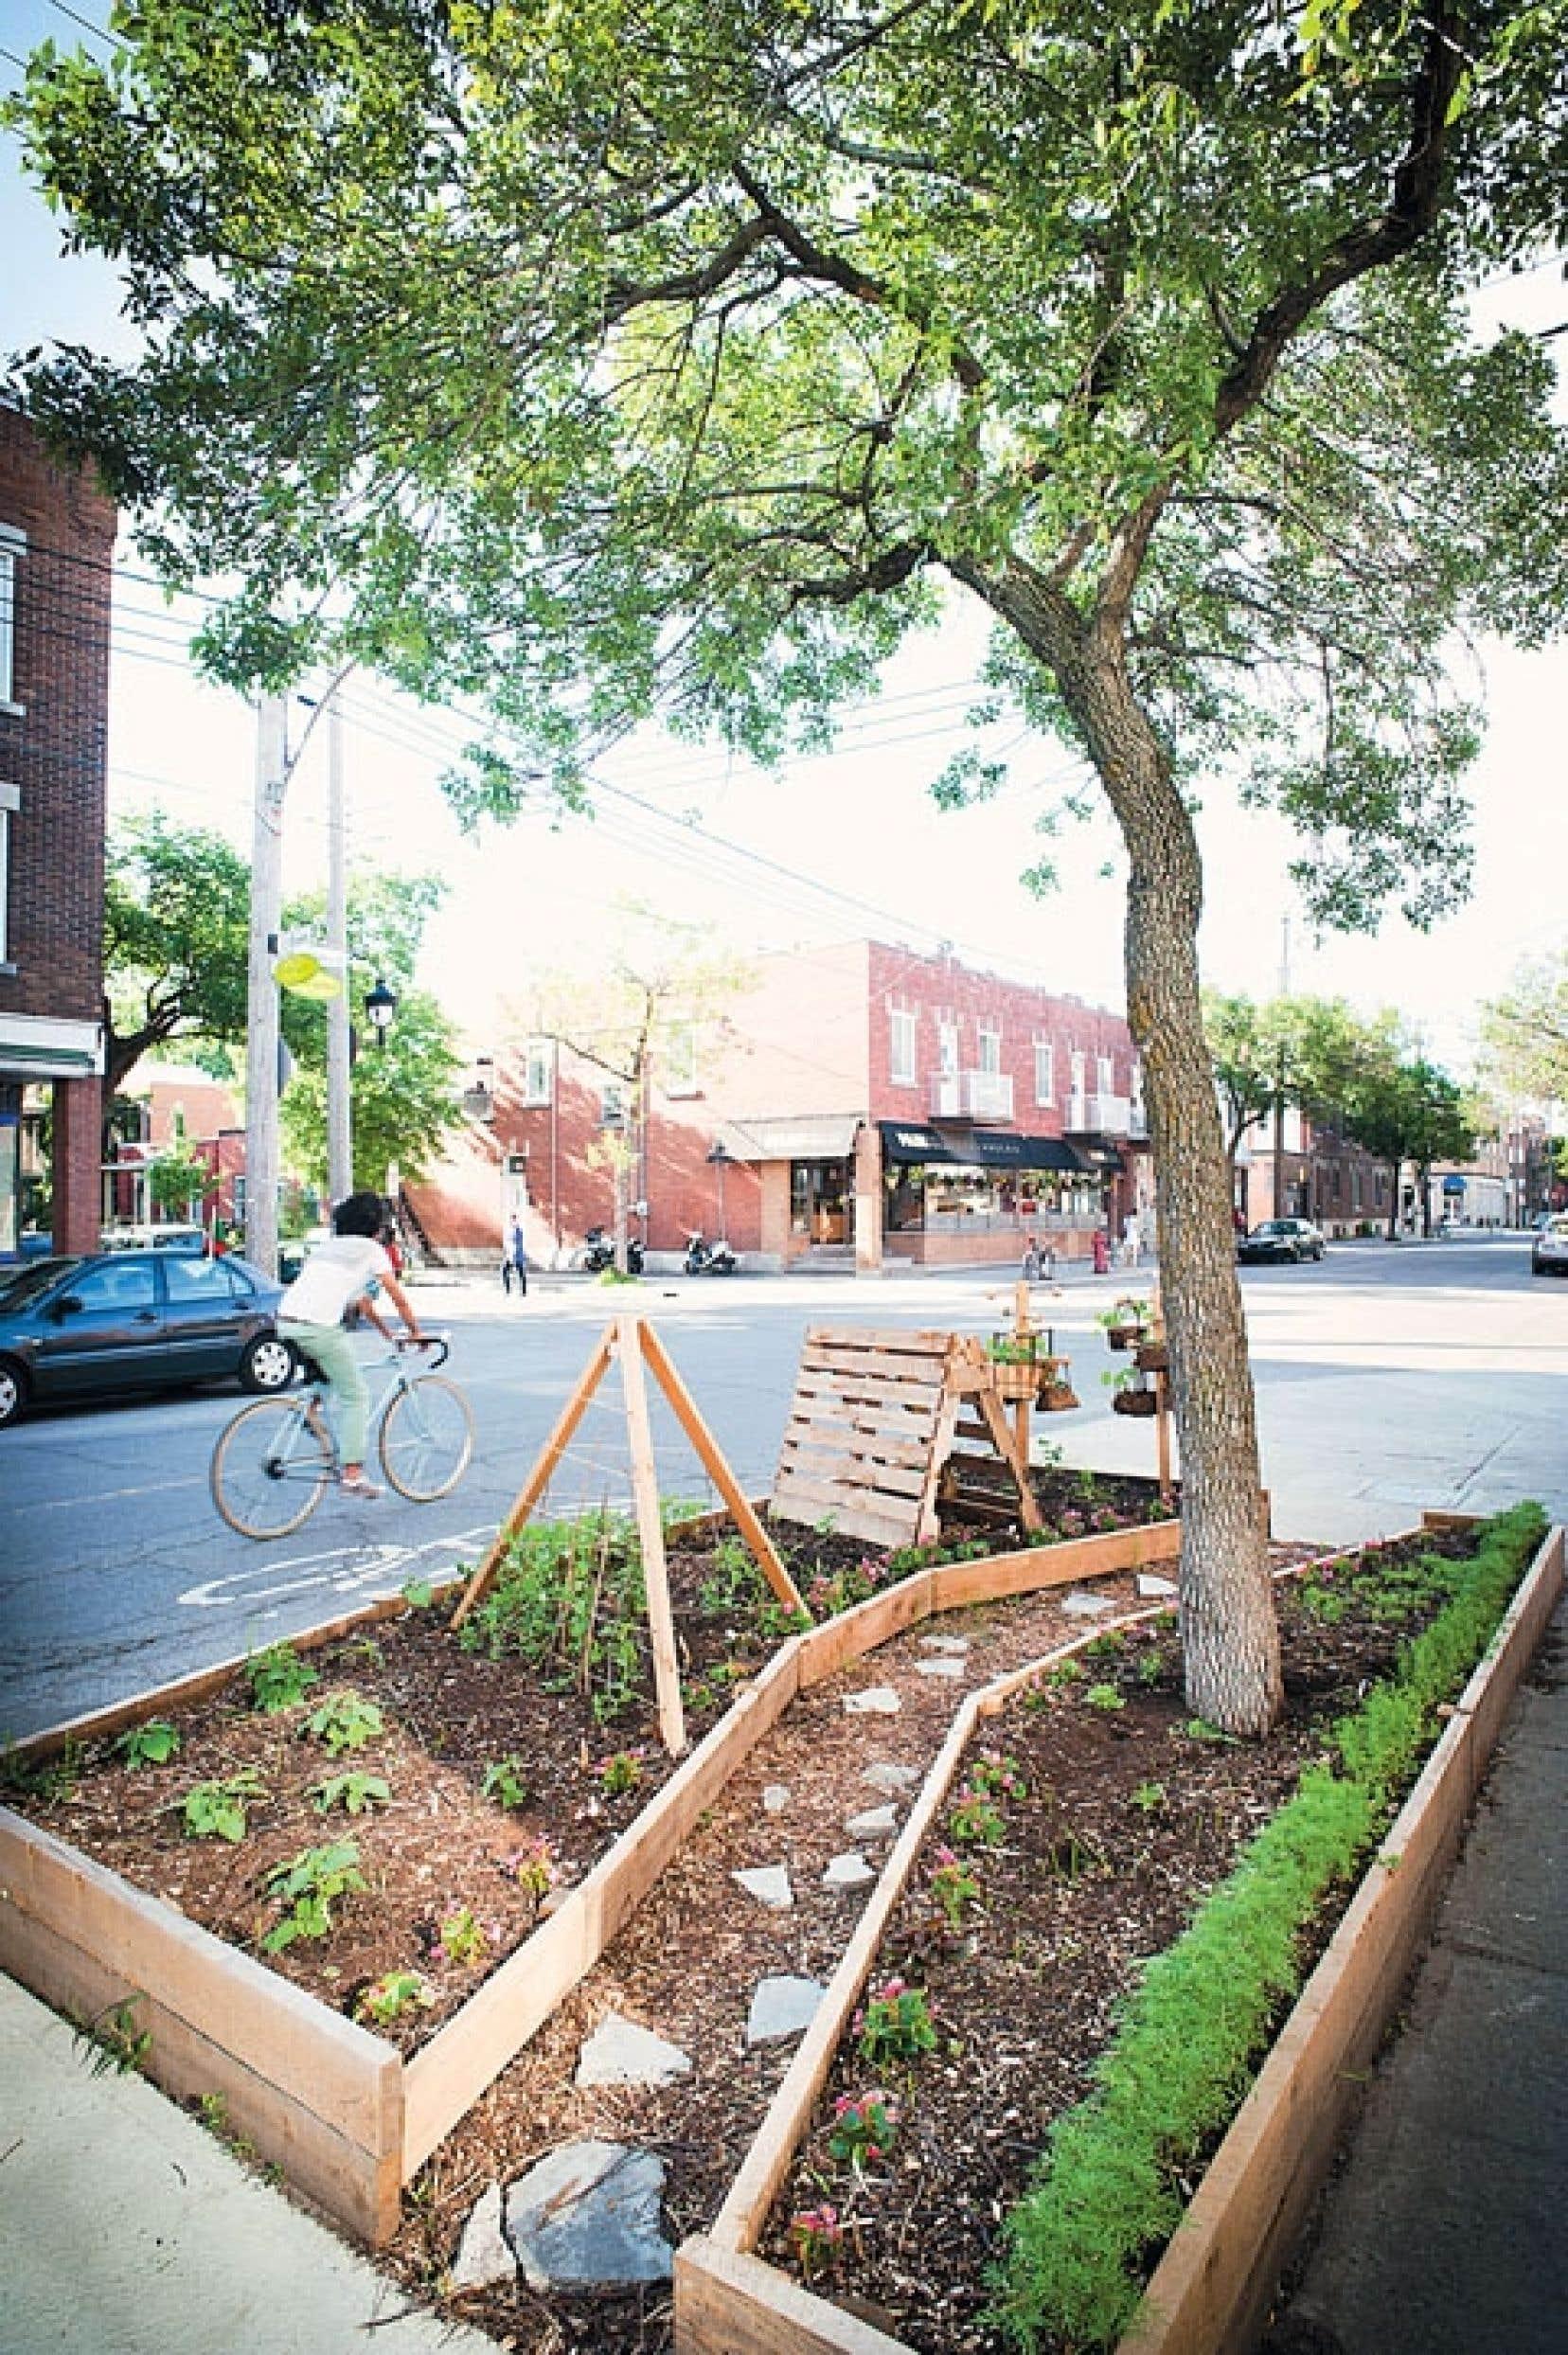 L'aménagement des potagers mange-trottoir au coin des rues de Villeray a mobilisé les citoyens du quartier. Le projet-pilote est bien accueilli: une garderie s'occupera d'une des parcelles et l'administration municipale s'y est également intéressée.